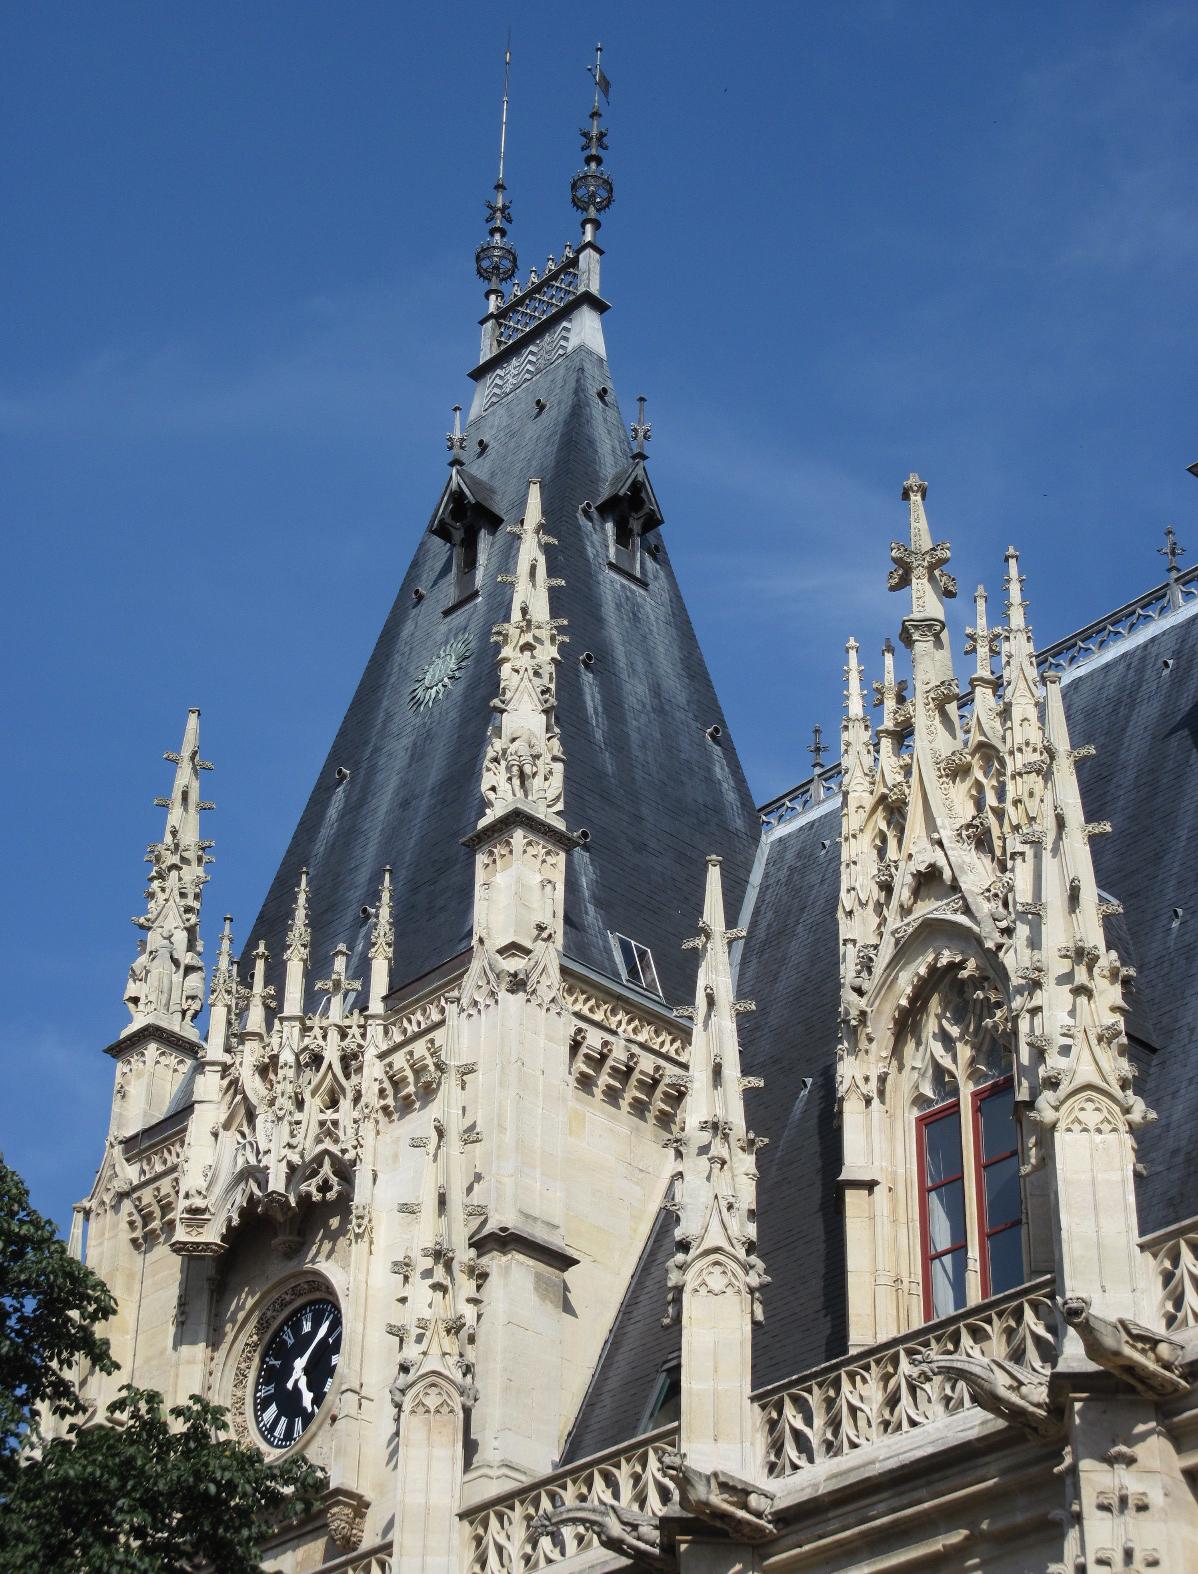 Les 4 Pieds Rouen parlement de normandie - wikipedia